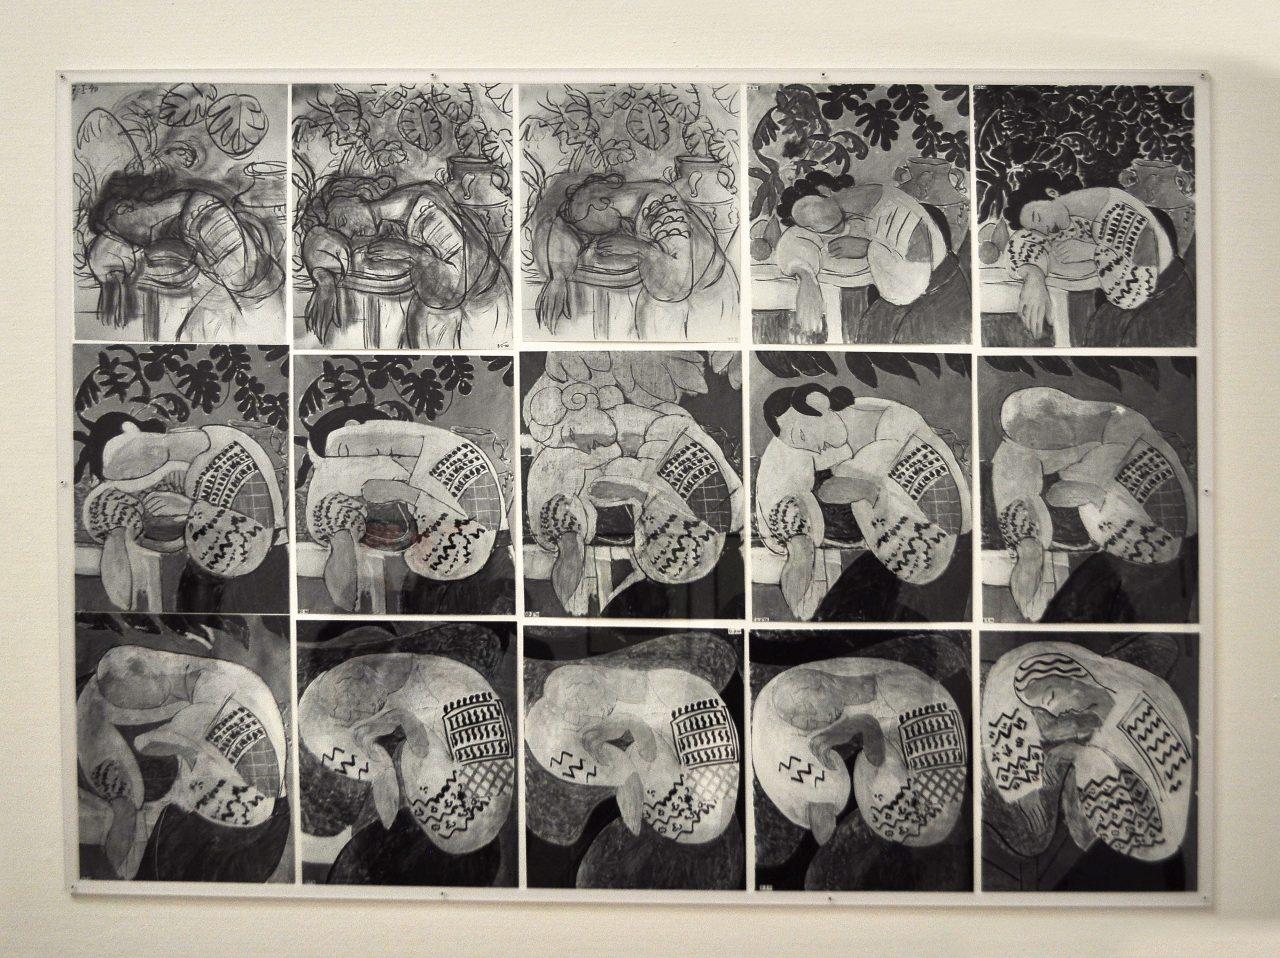 La Dormeuse: schițe ale lucrării lui Matisse, trimise la București, lui Palady